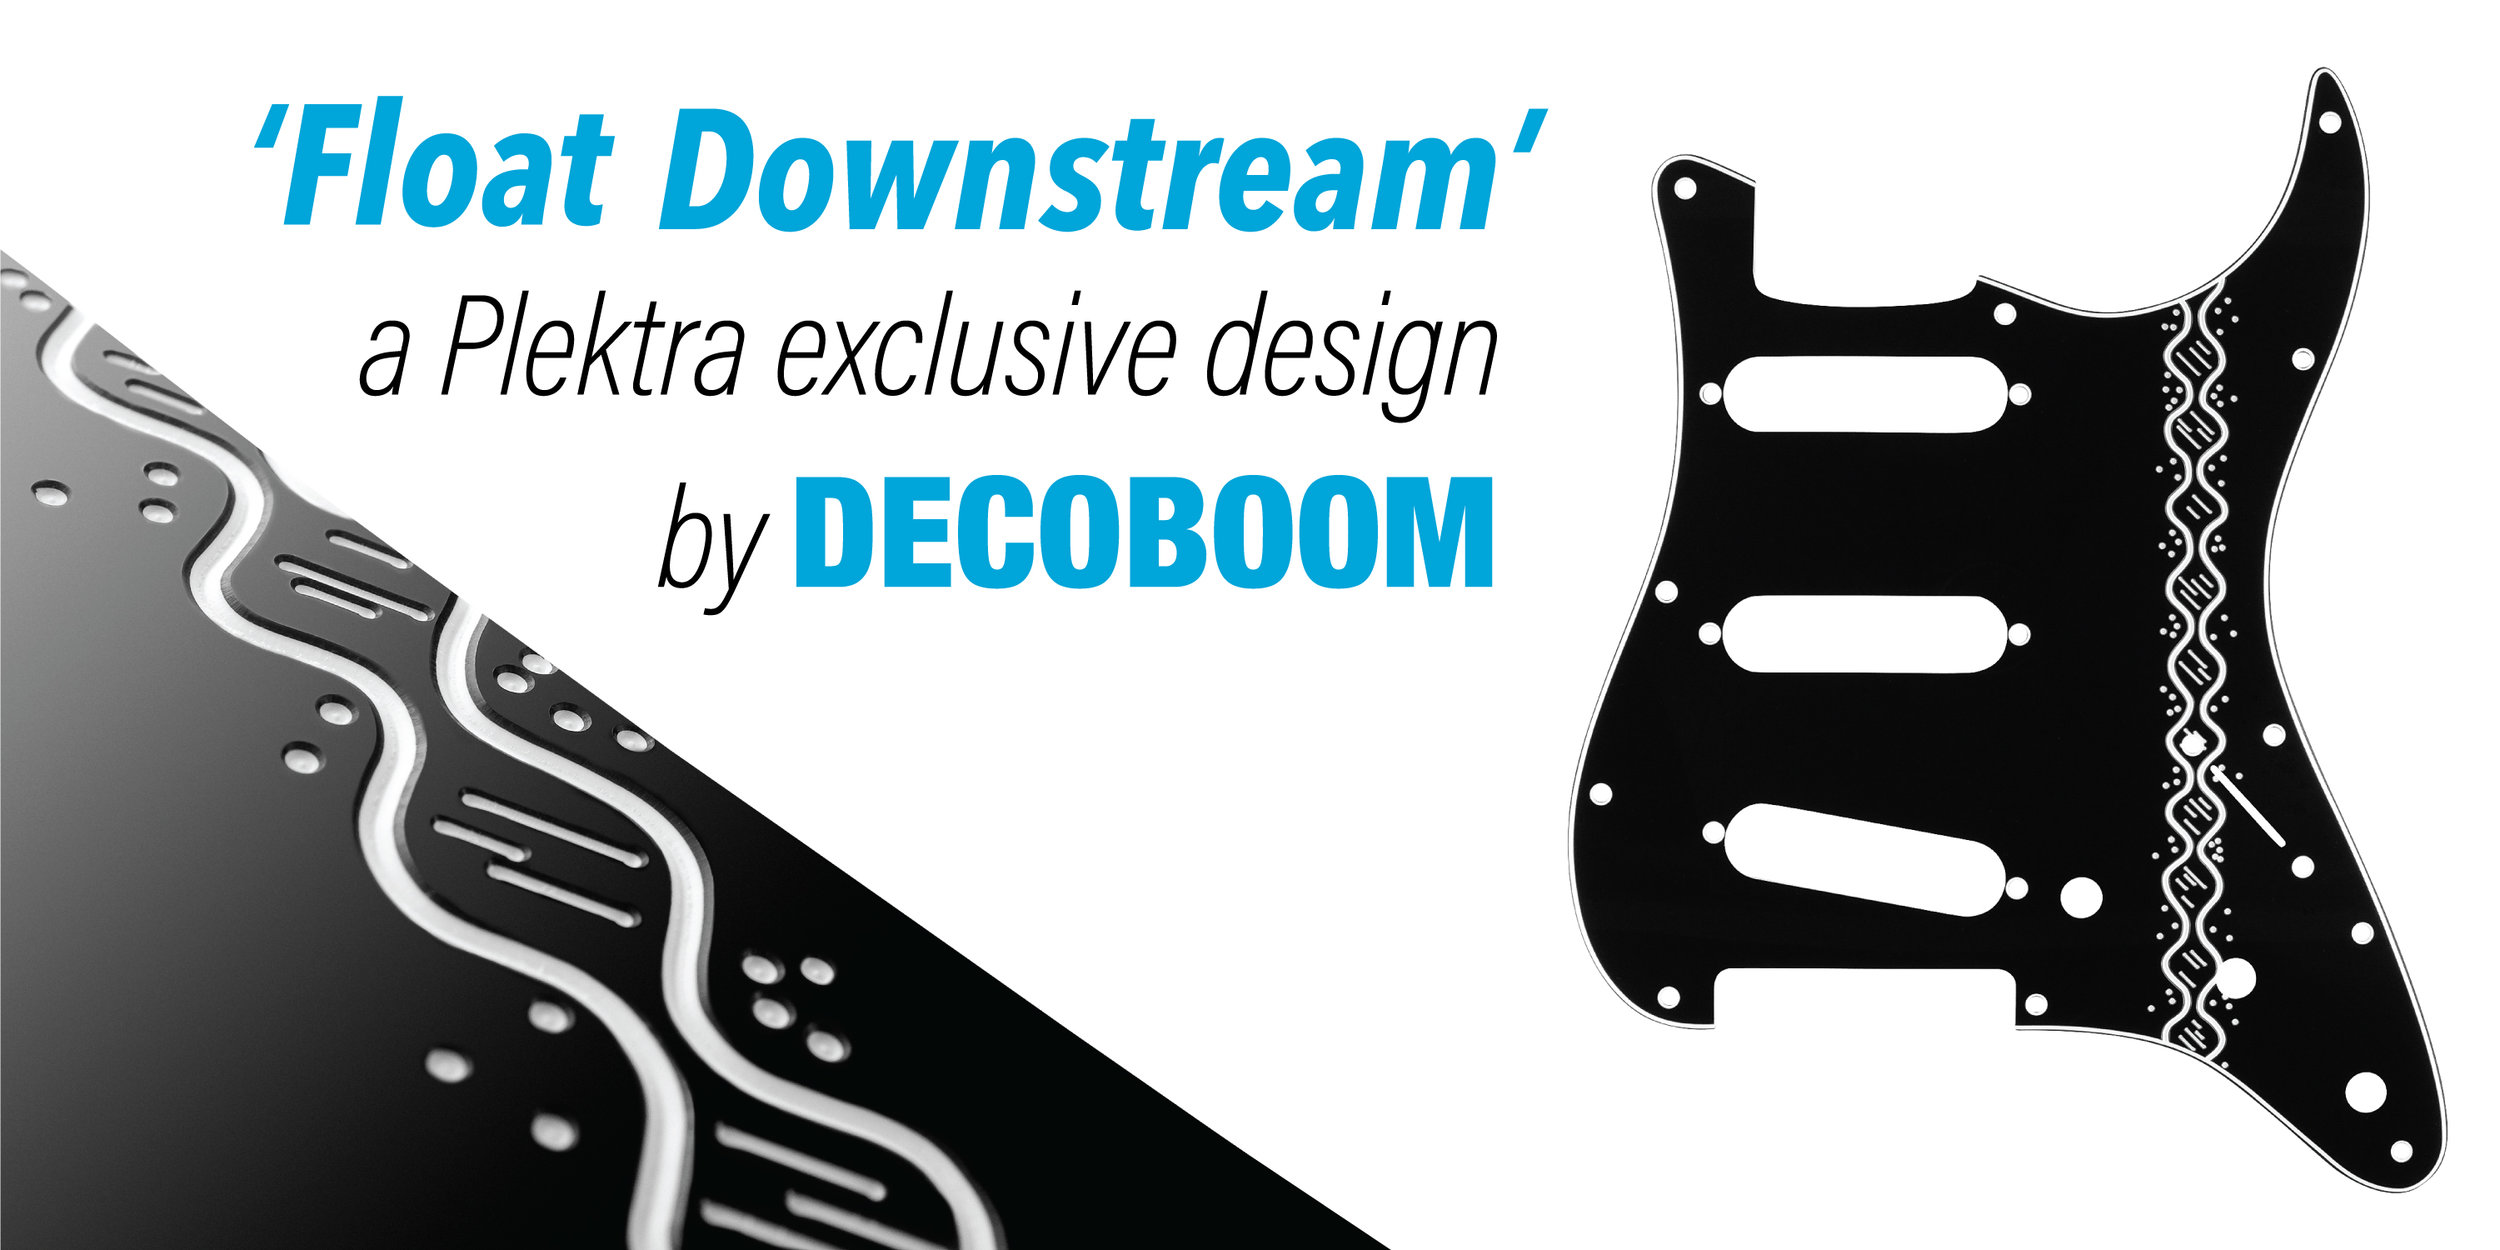 decoboom_banner-06.jpg